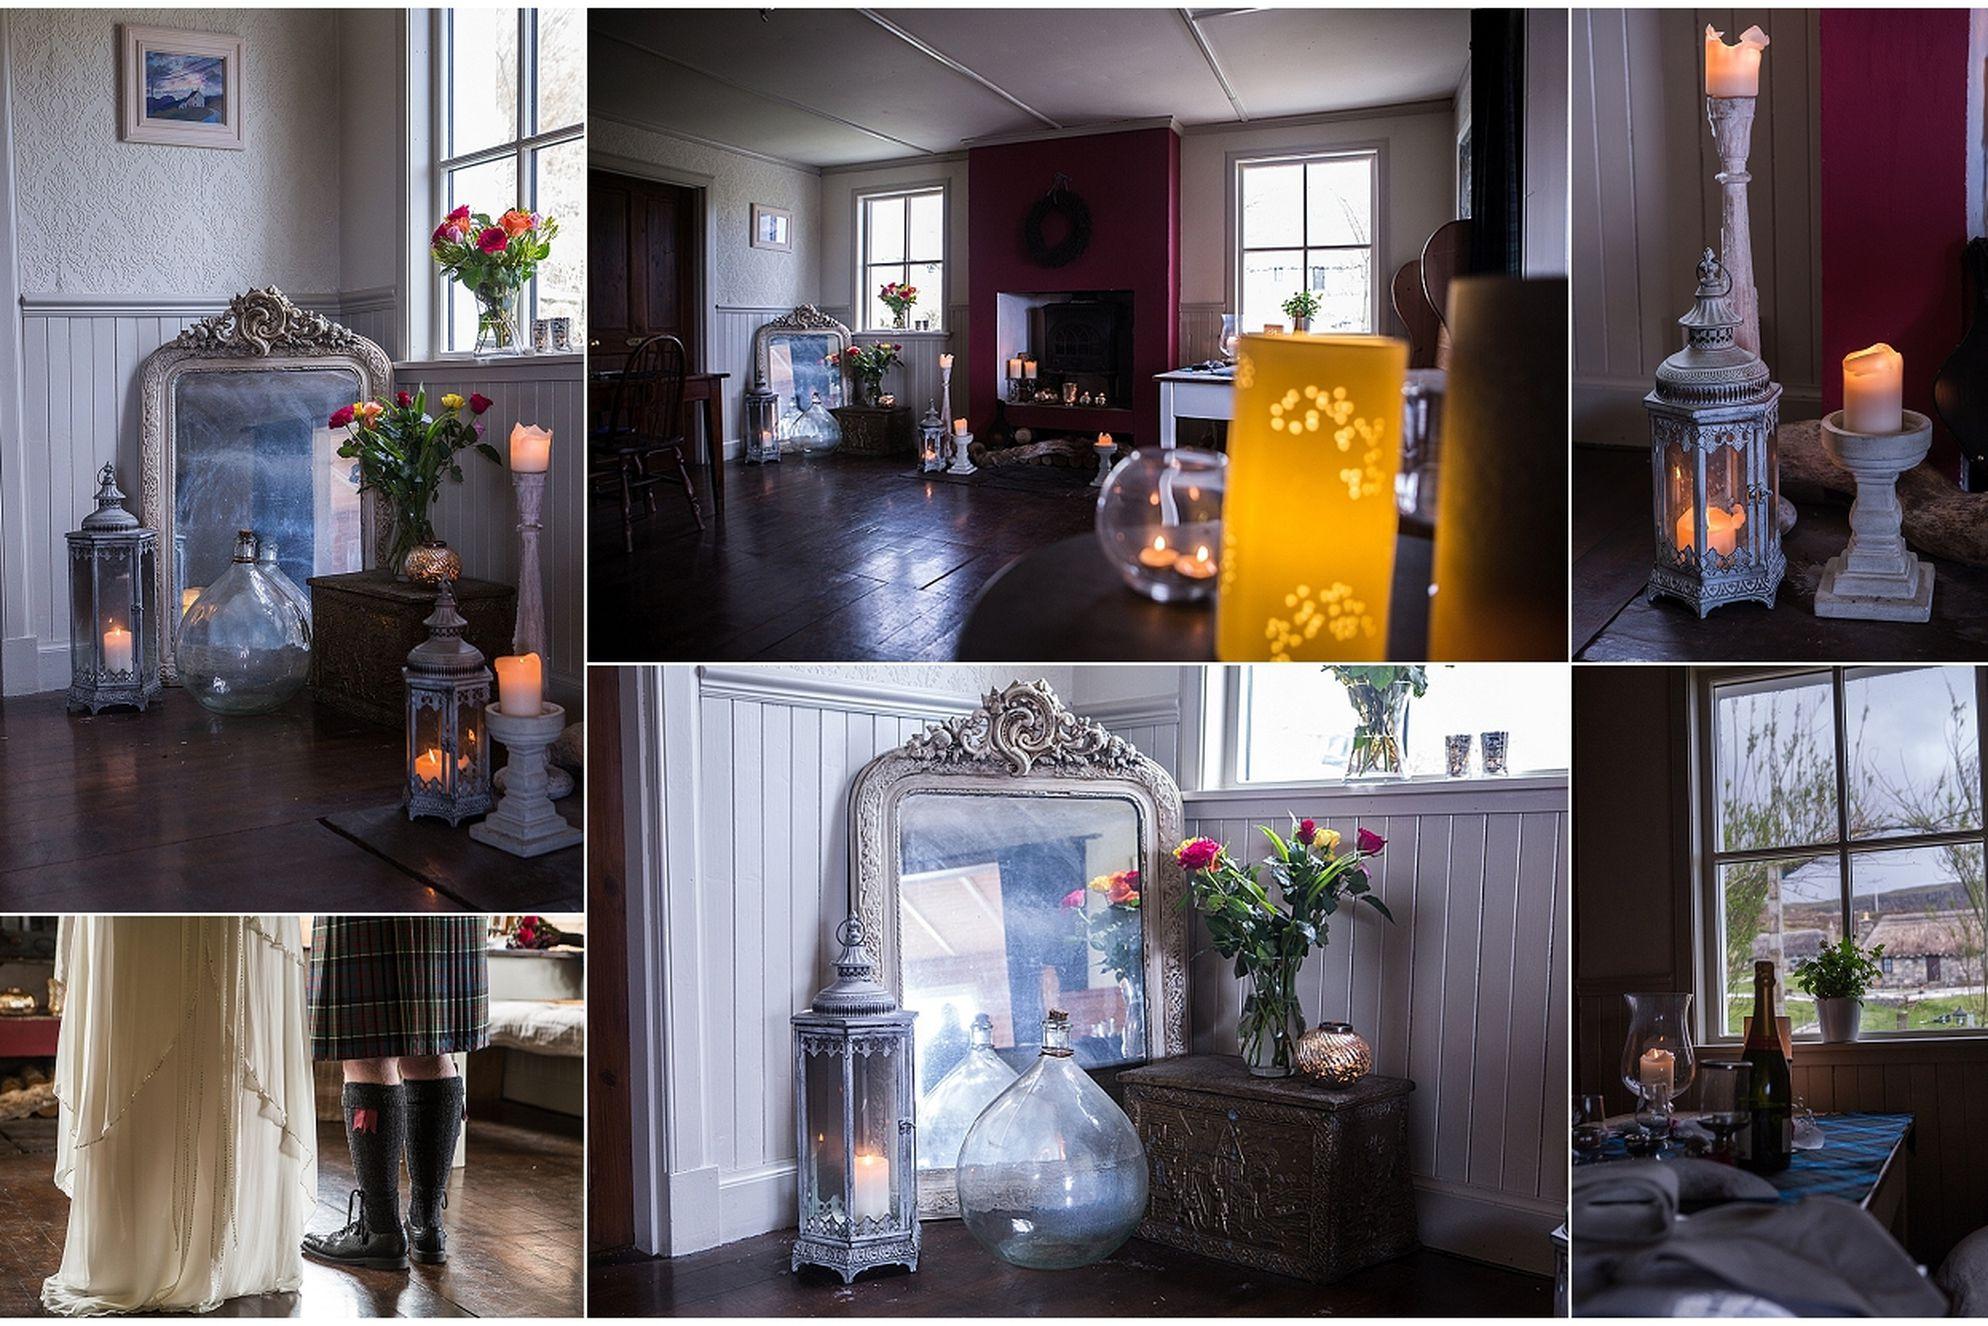 Coruisk House - Gallery